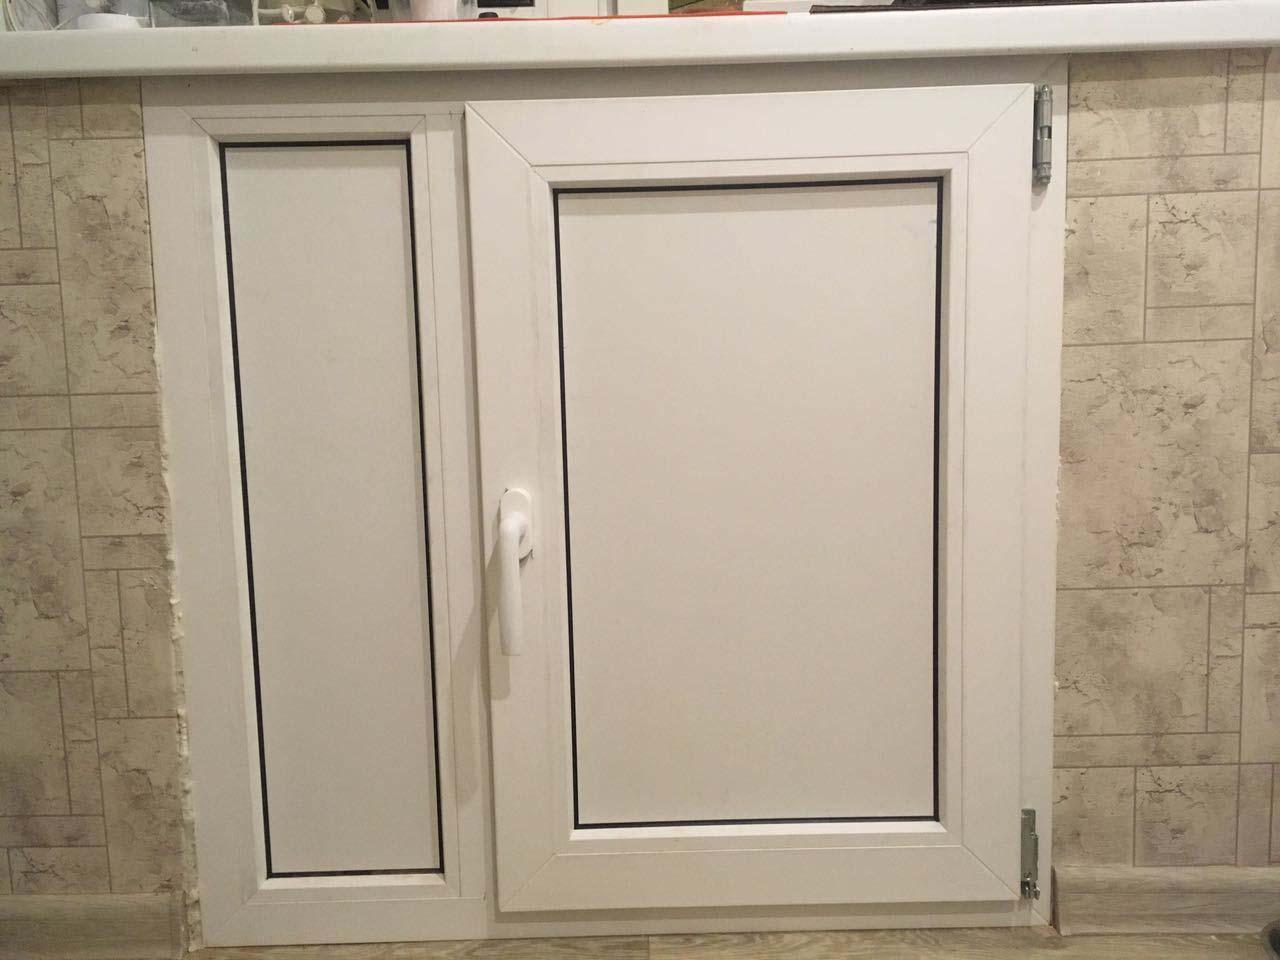 Холодильник под окном цена